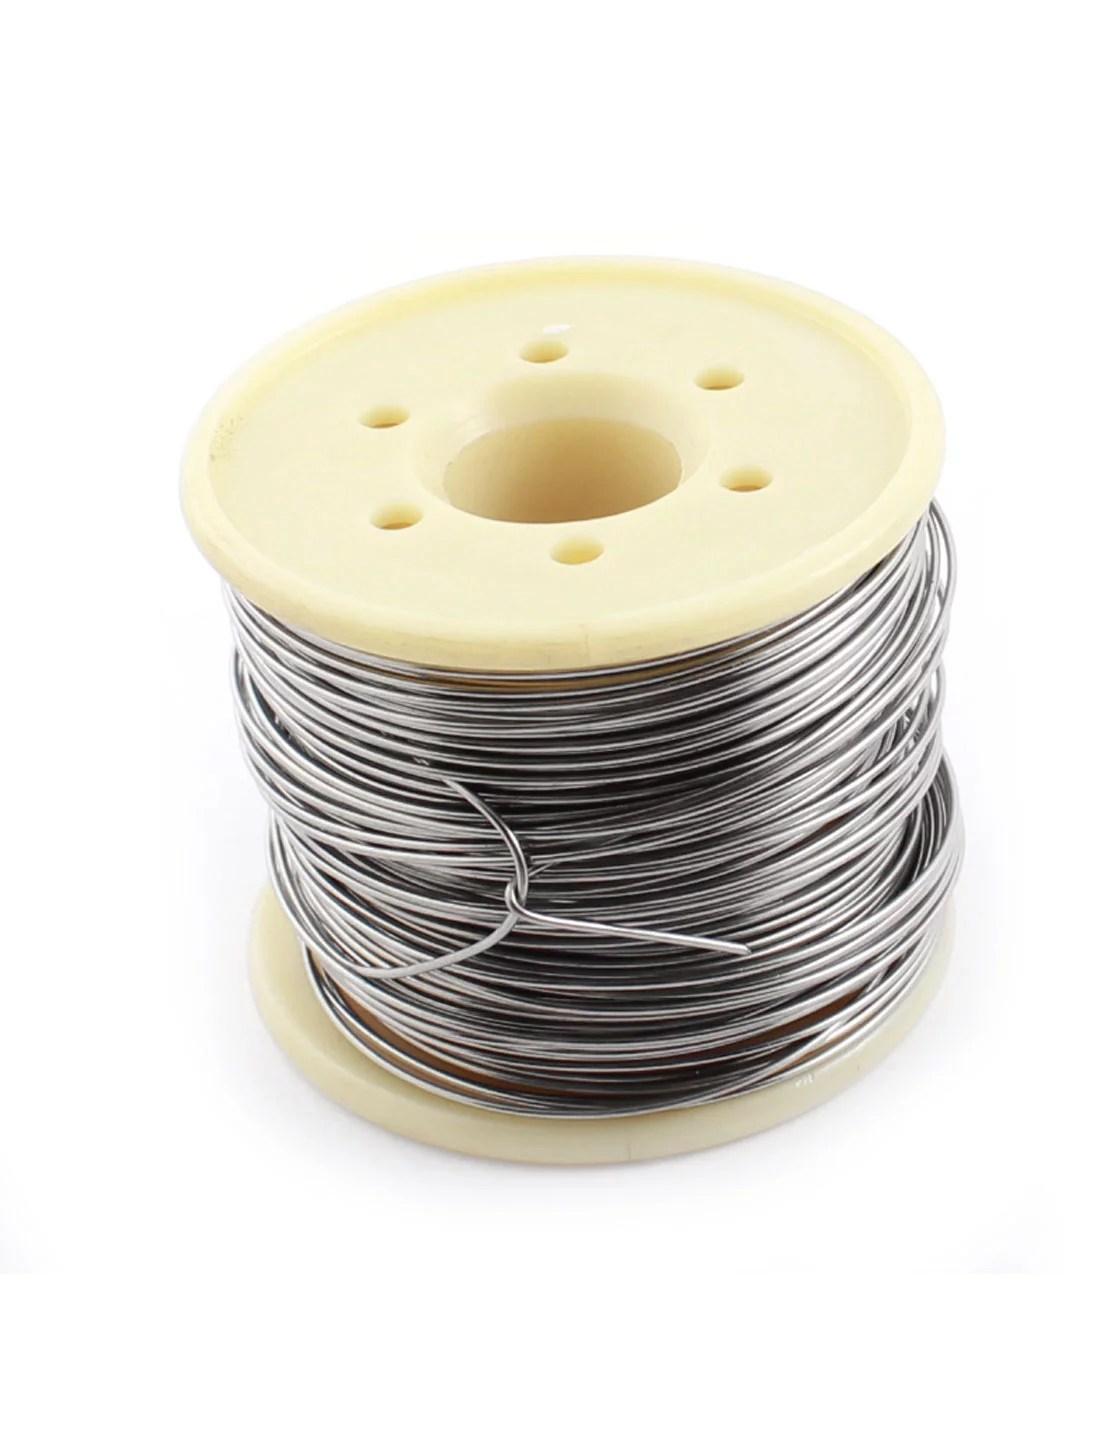 medium resolution of water heaters 30m 0 8mm diameter awg20 20 gauge resistor wire resistance heating cooling air